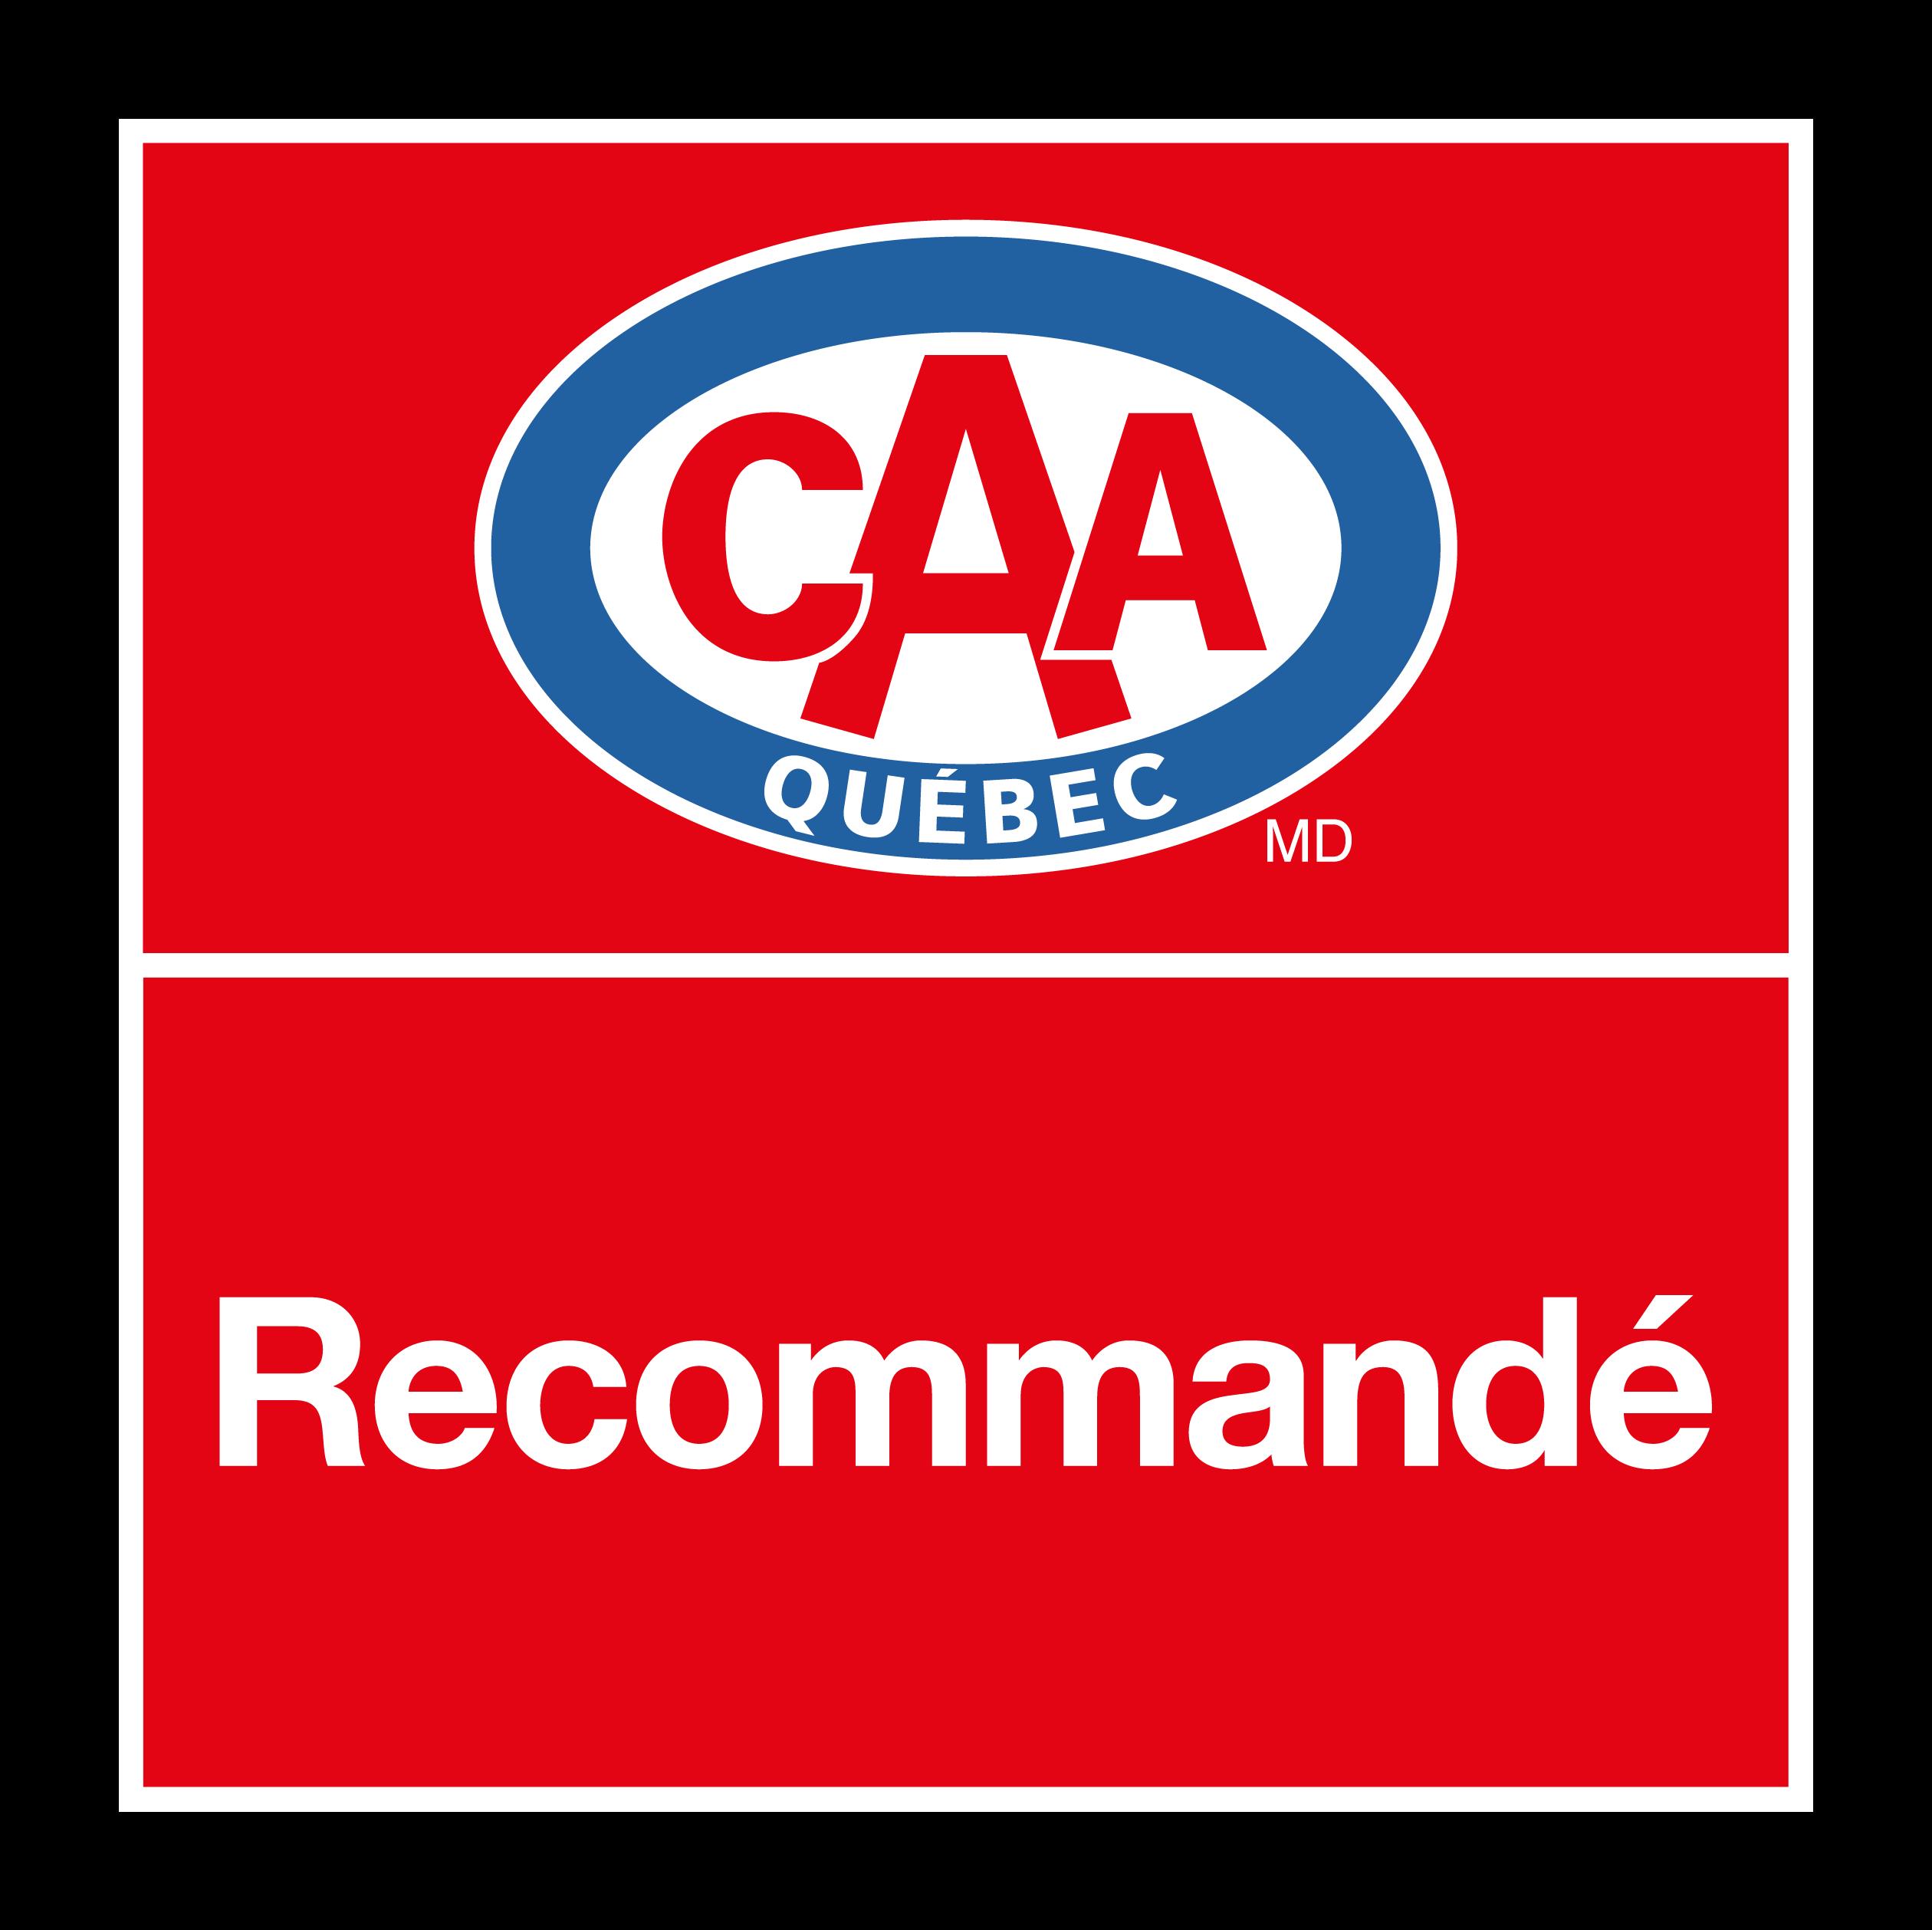 Recommandé CAA